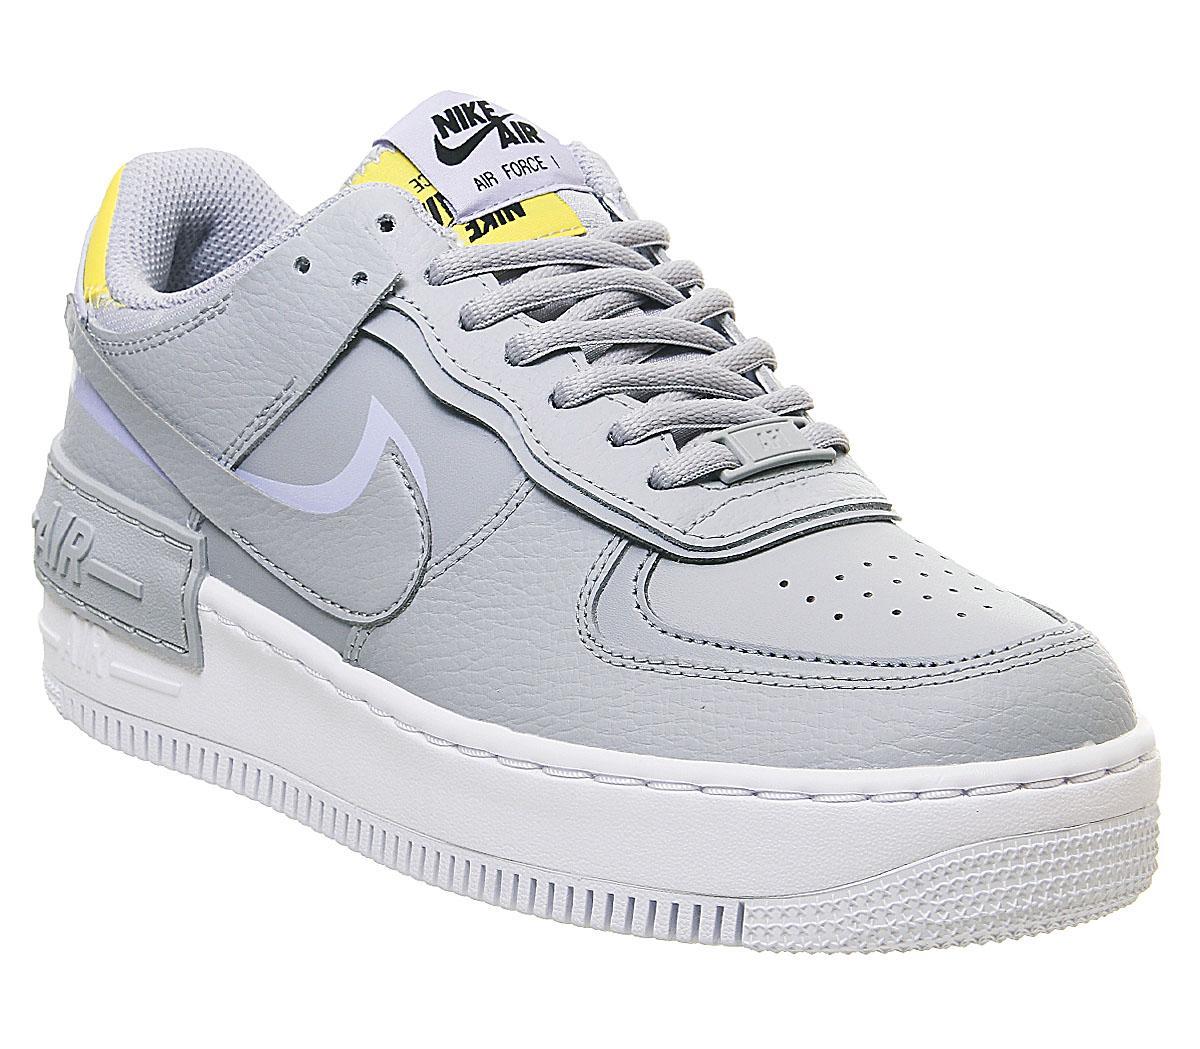 Nike Wmns Air Force 1 Low *Shadow Wolf Grey* (Wolf Grey Wolf Grey Lavender Mist)